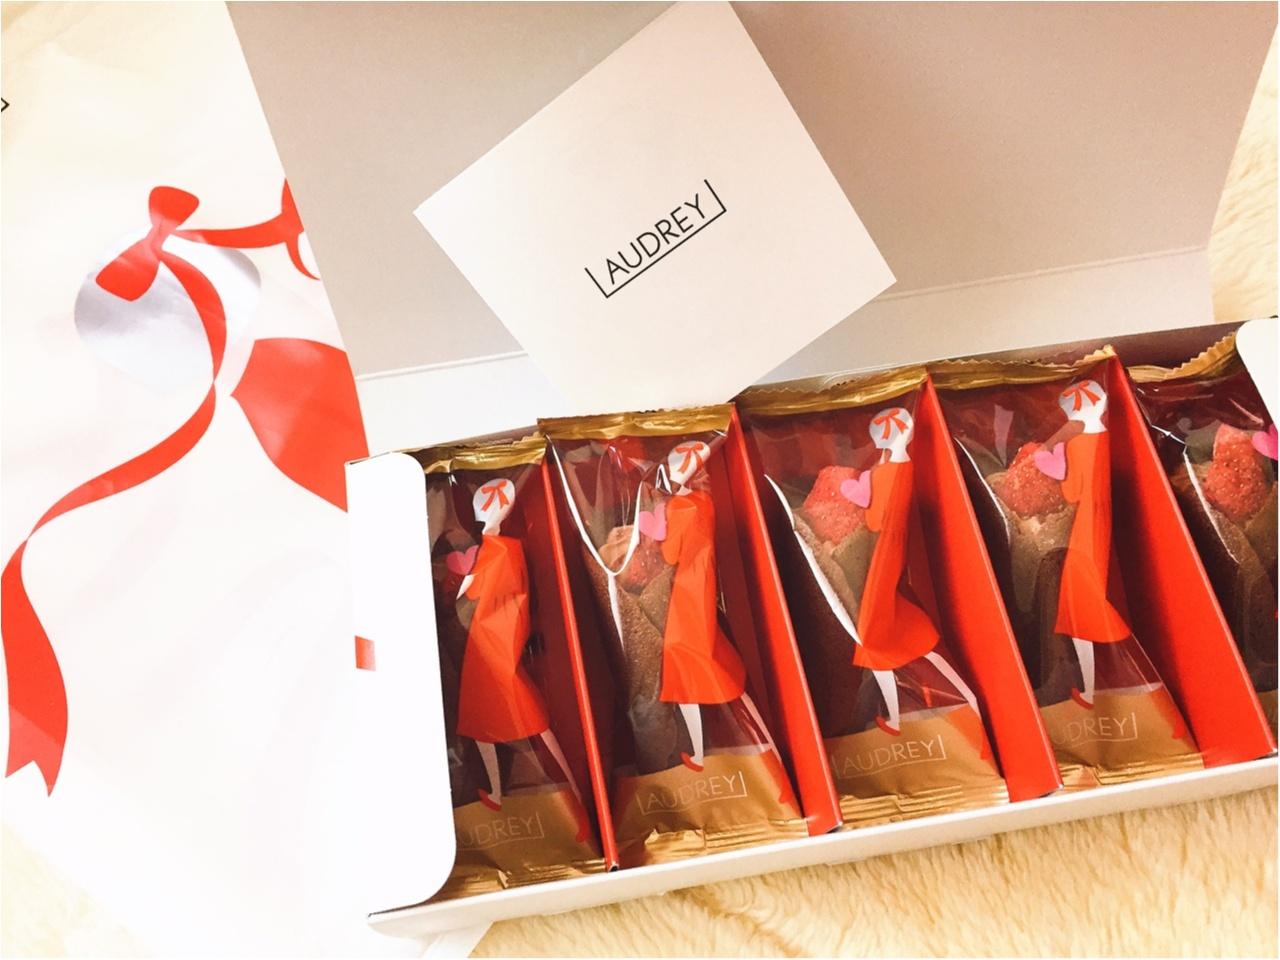 センスのよい友達から素敵なプレゼント!小さなブーケの形をした可愛い焼菓子って?_2